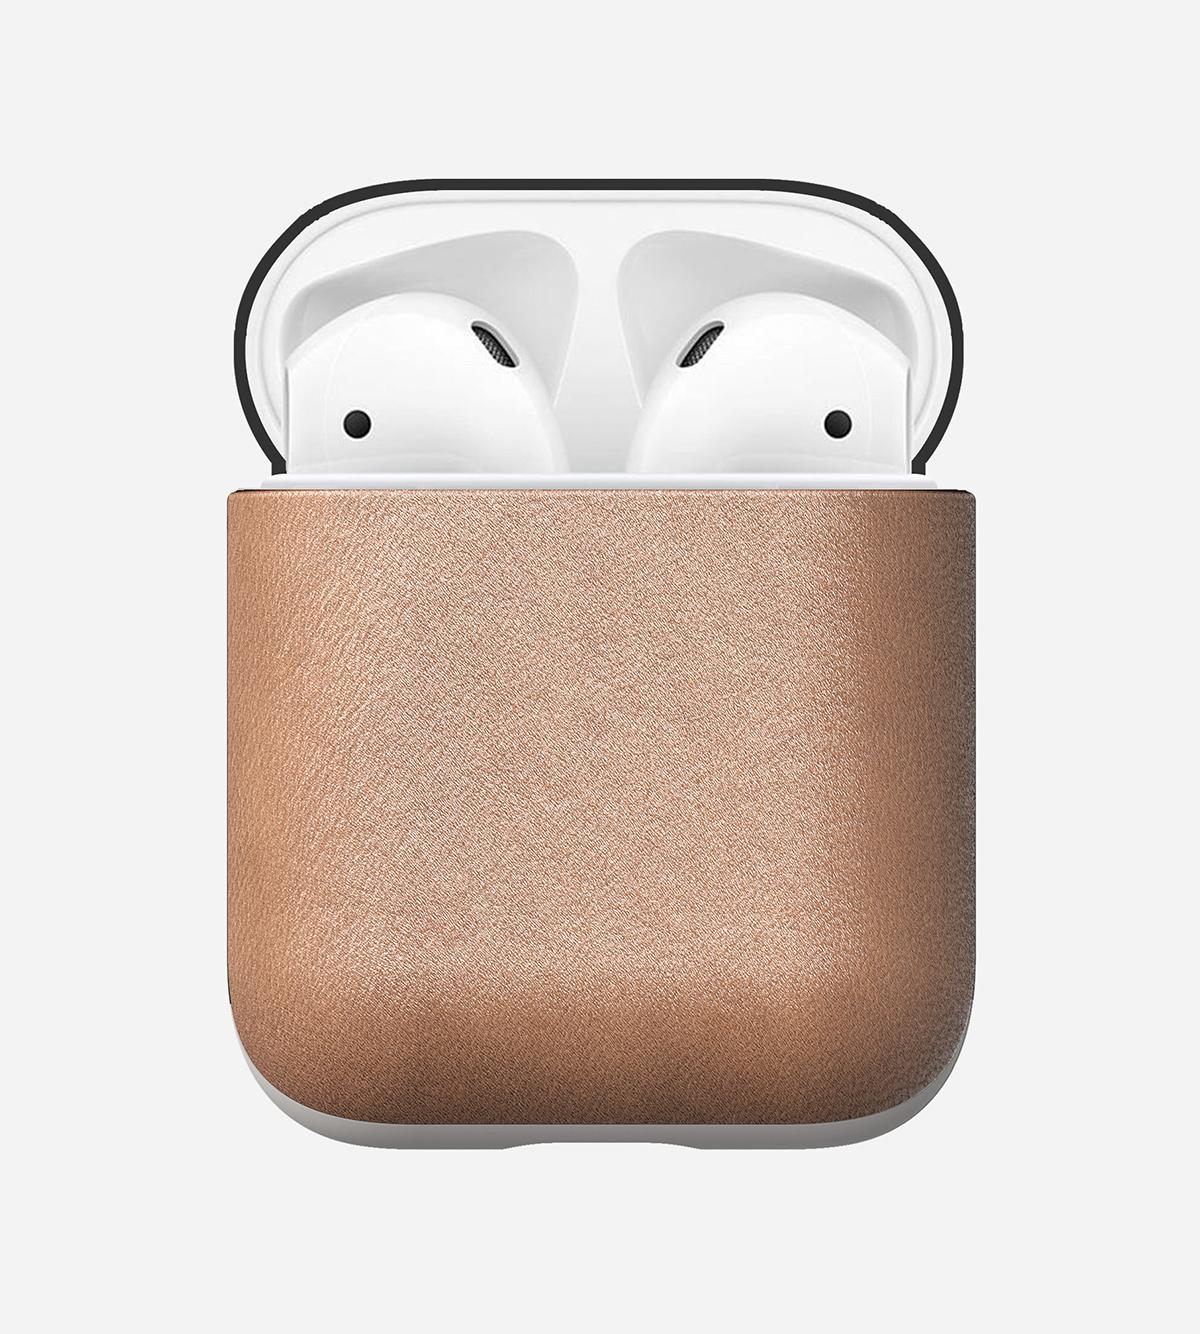 とても丈夫で経年劣化も少なく、長く使い込むことができるヌメ革のAirPodsケース・Apple Watchバンド|NOMAD